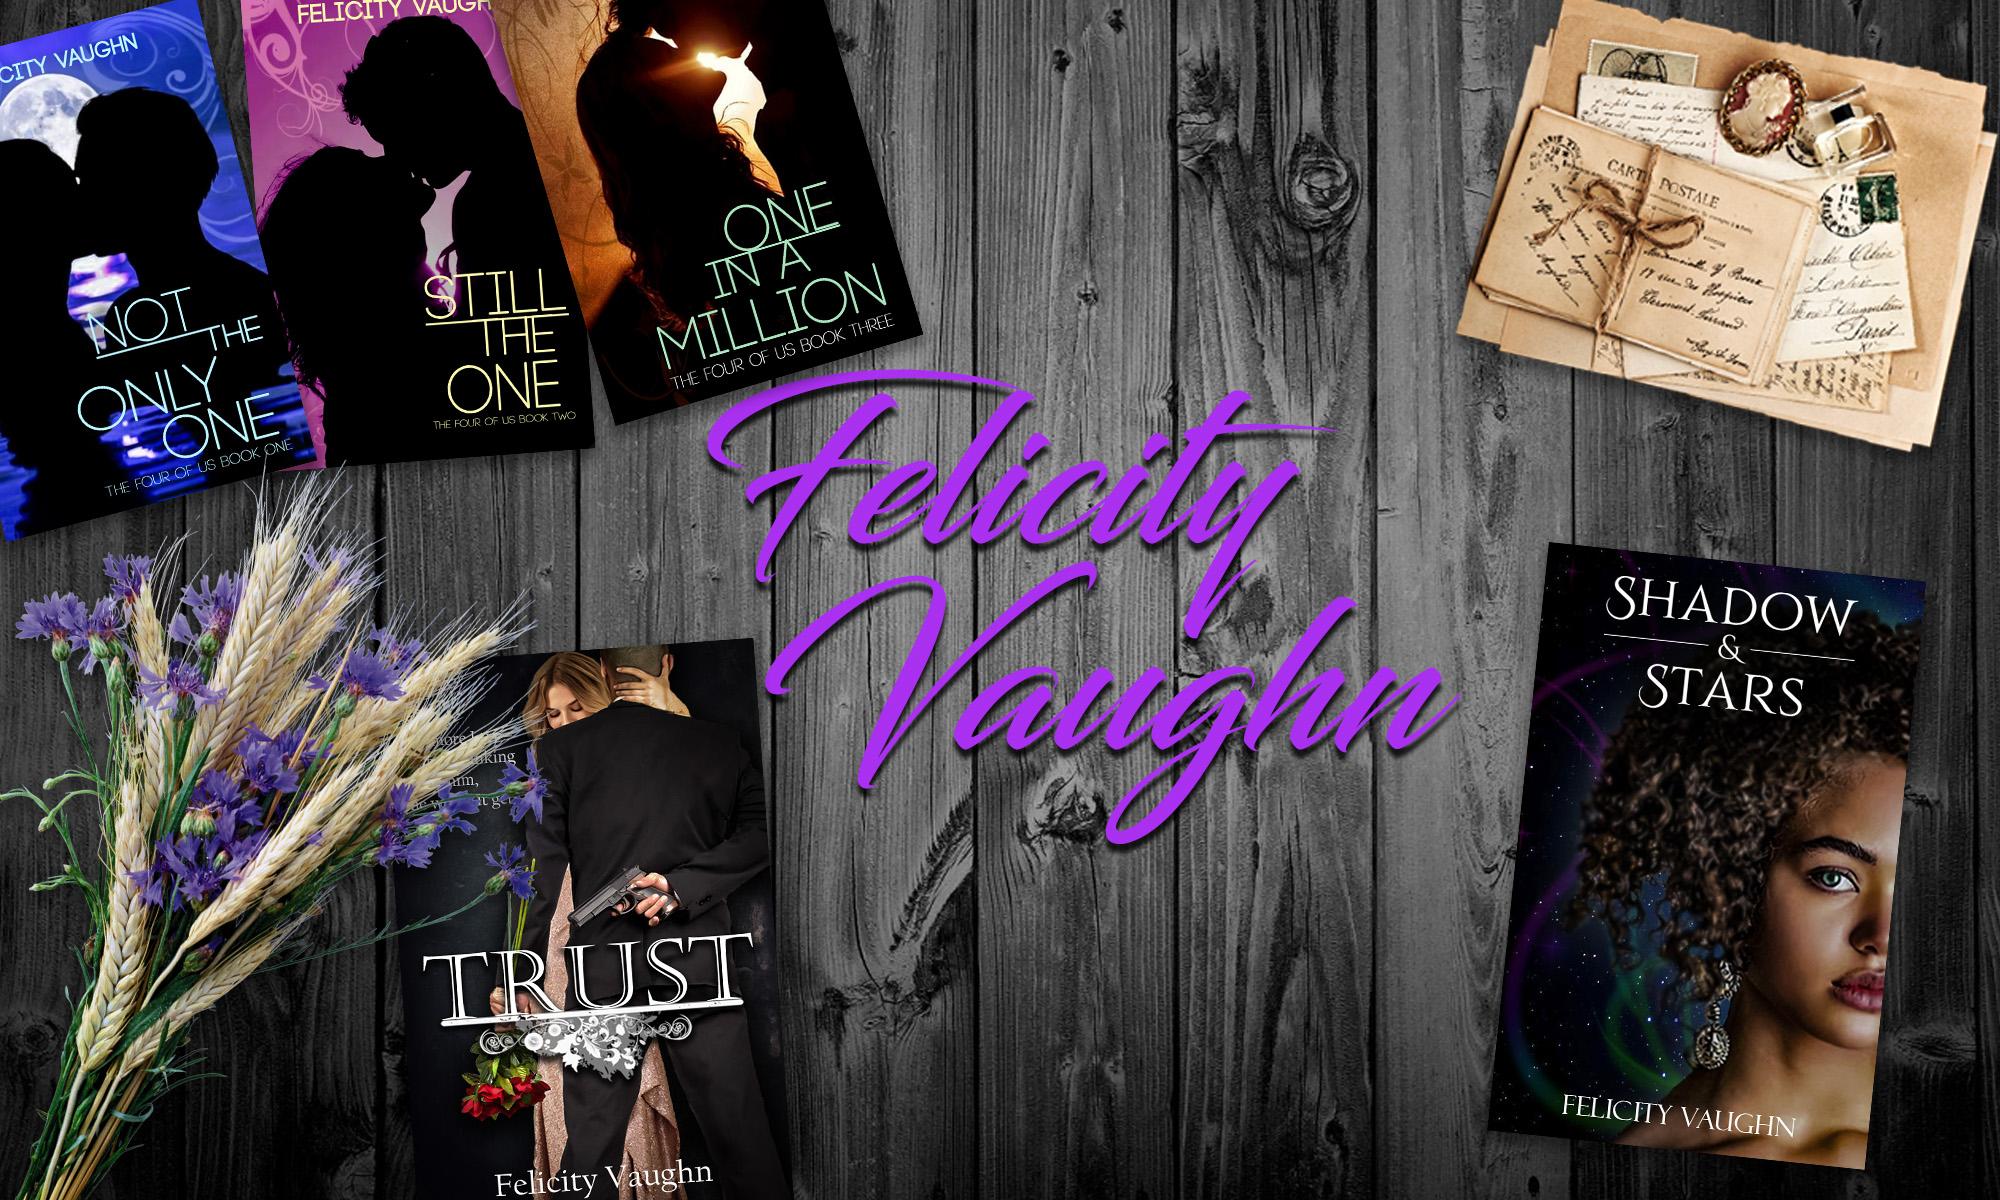 Felicity Vaughn